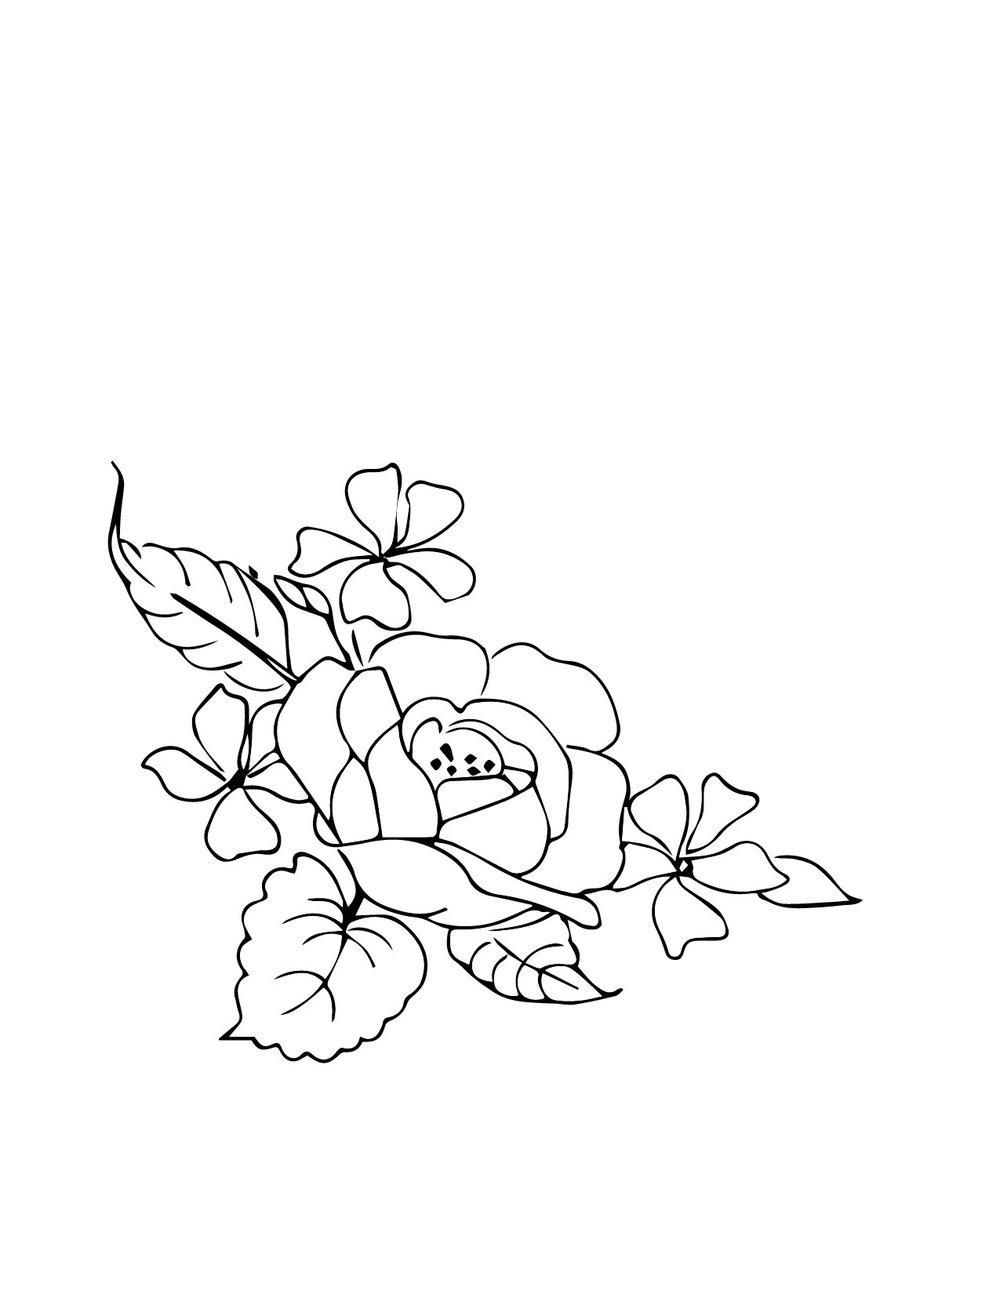 zoe-line art-01.jpg